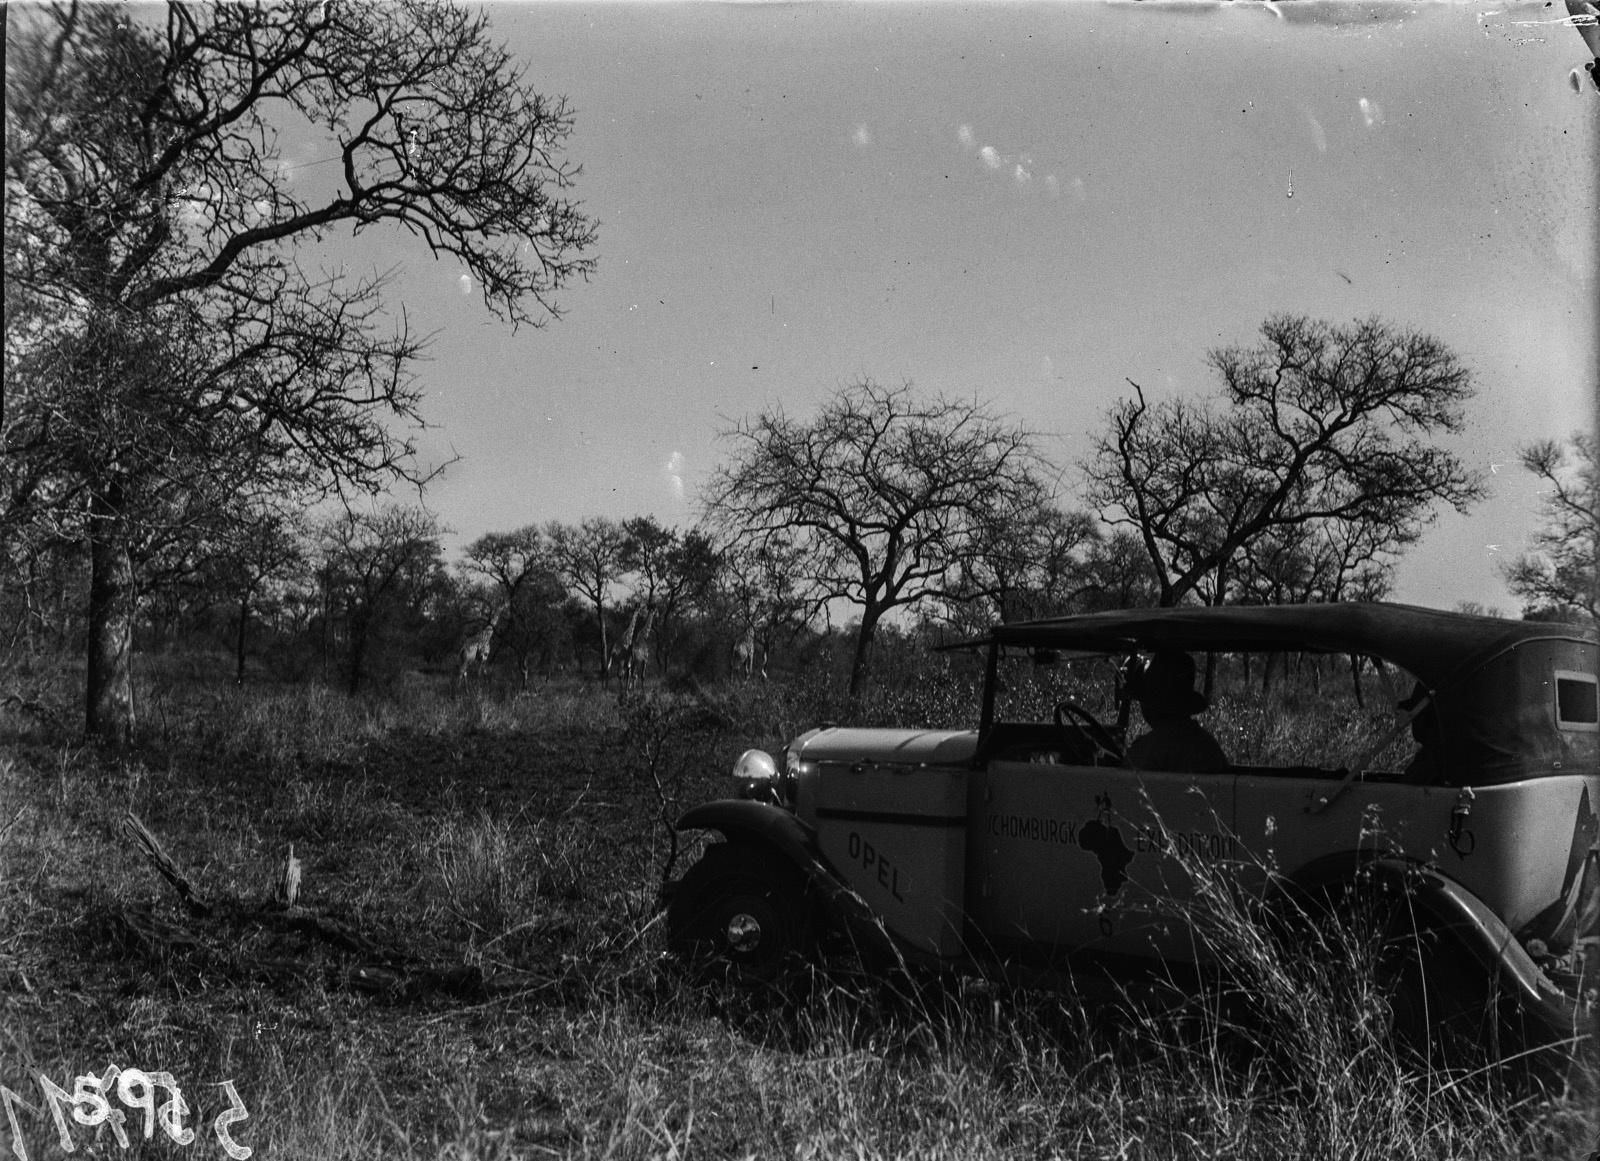 Национальный парк Крюгера. Автомобиль экспедиции и  жирафы на заднем плане